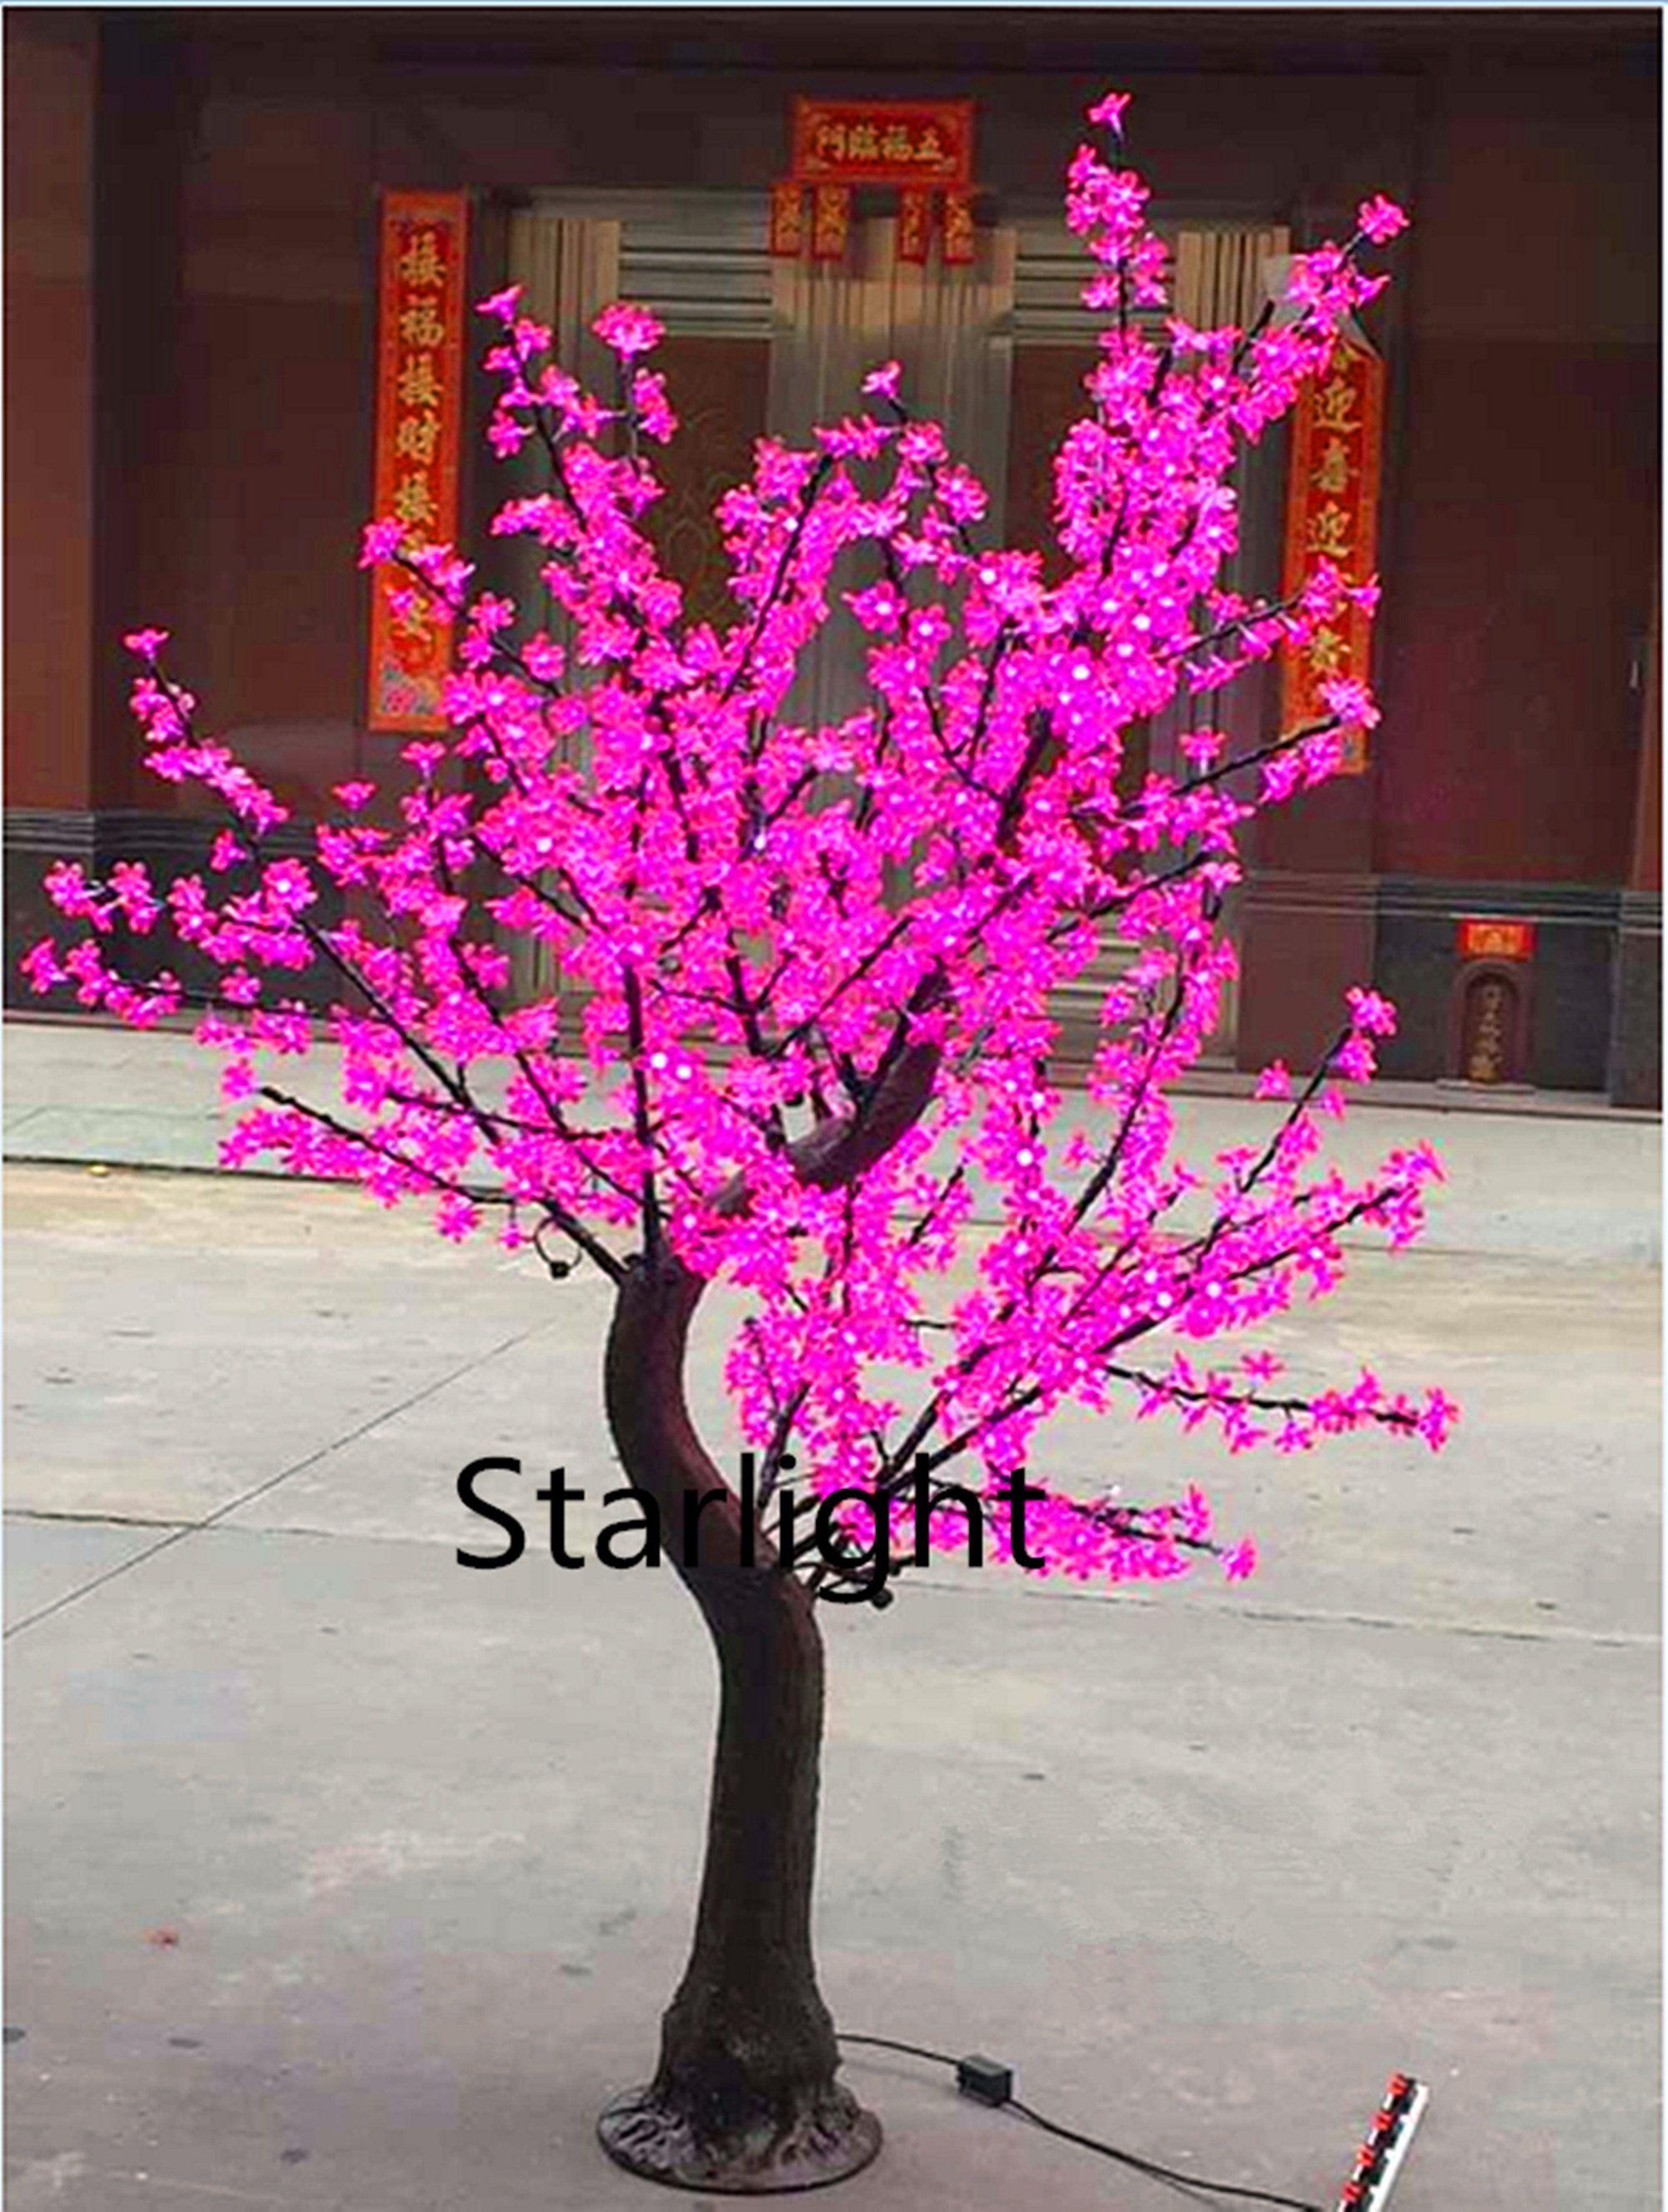 6ft 1 8m Handmade Led Simulation Cherry Blossom Tree Light Etsy In 2021 Cherry Blossom Tree Blossom Trees Artificial Cherry Blossom Tree